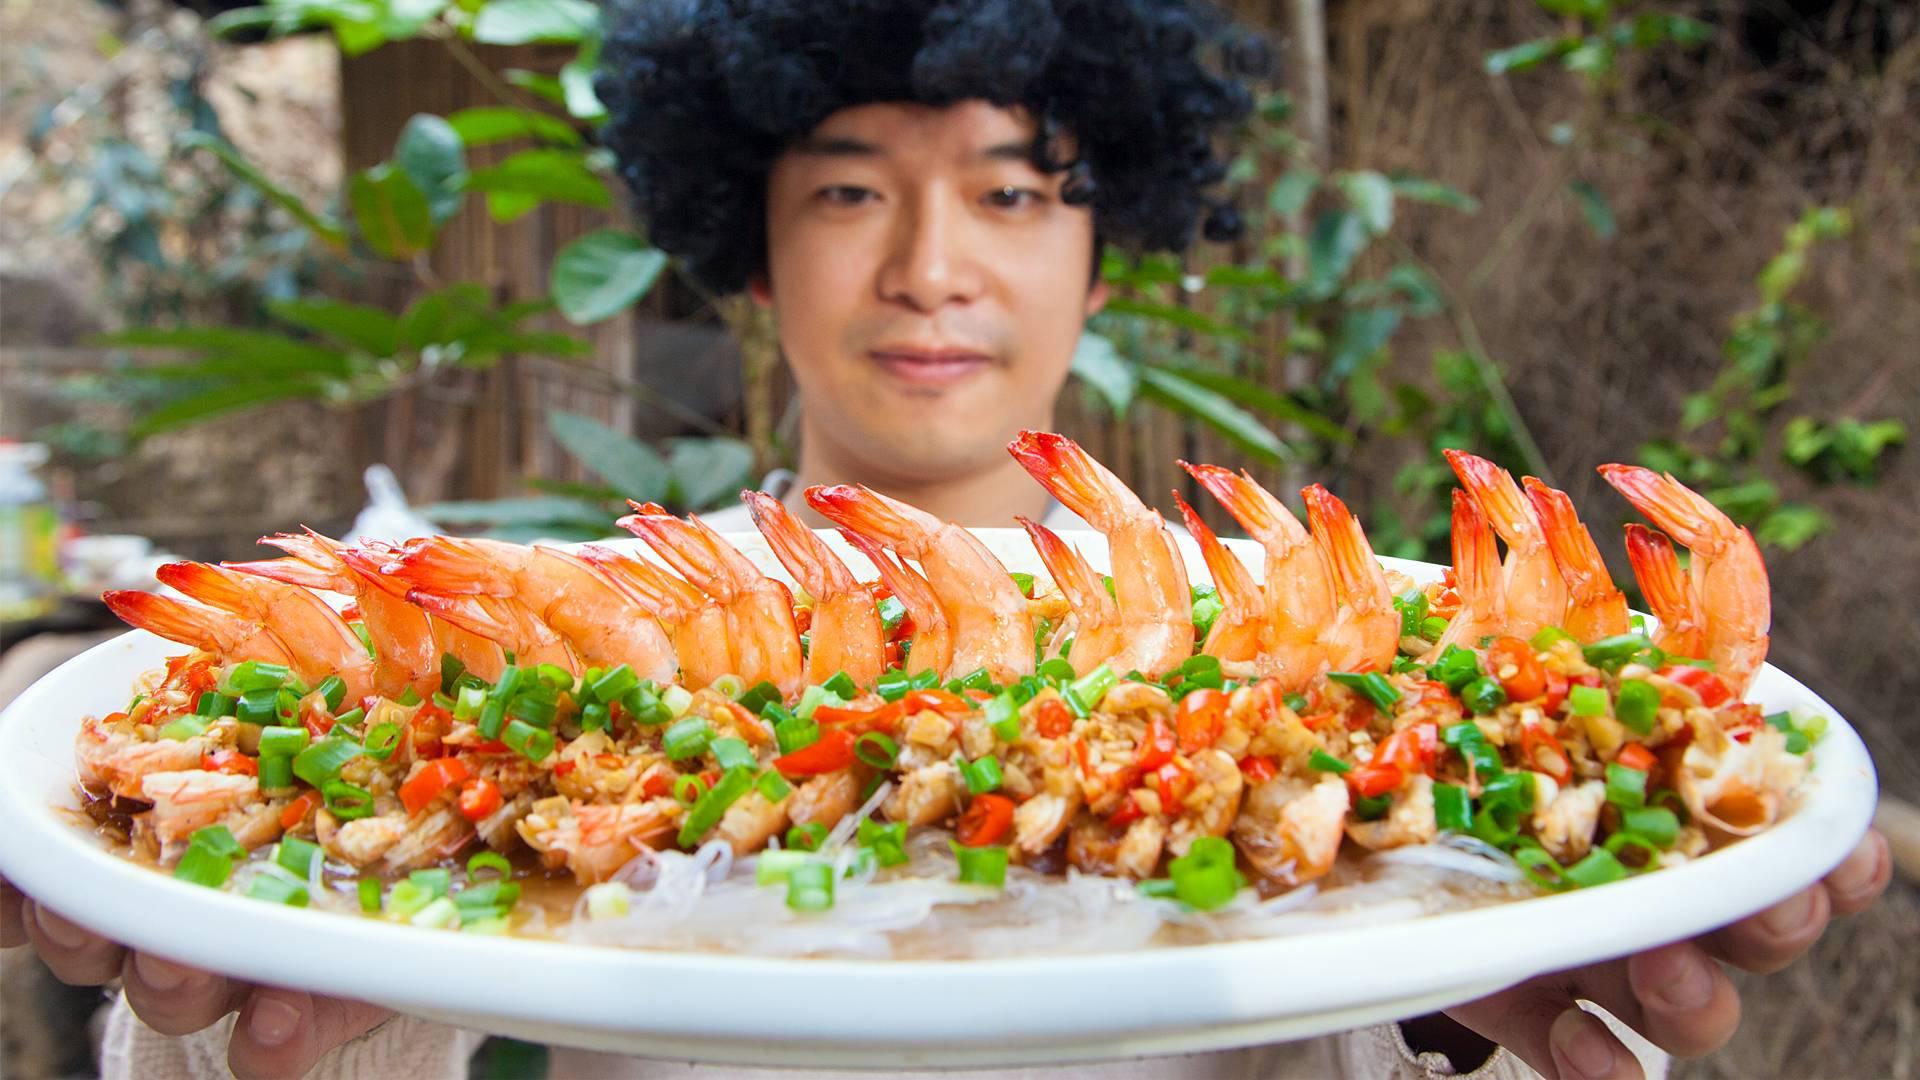 年夜饭不知道做什么,可以做蒜蓉粉丝蒸虾,好吃又好看